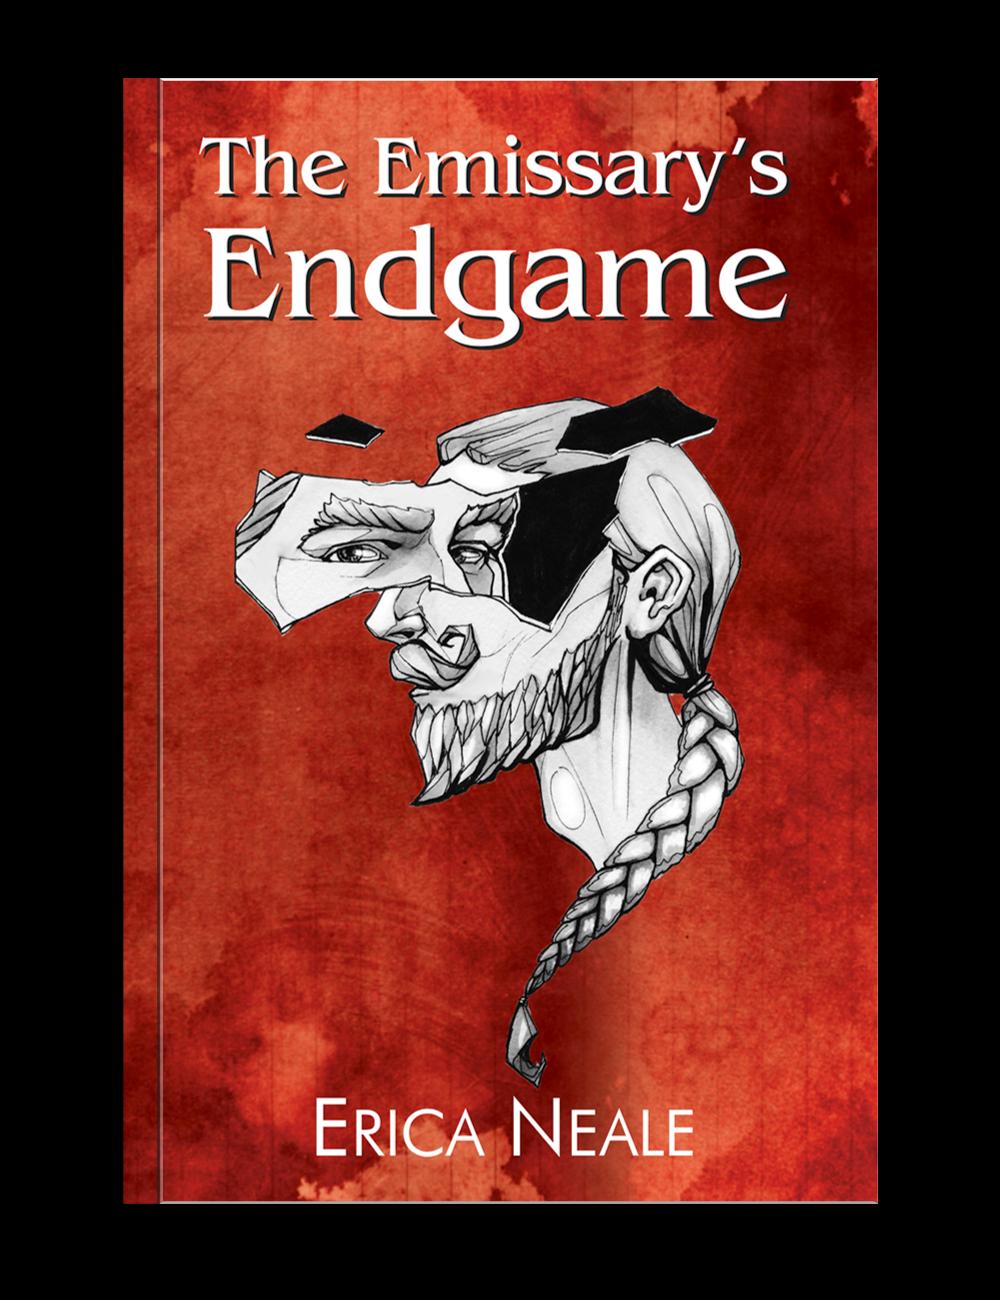 The Emissary's Endgame